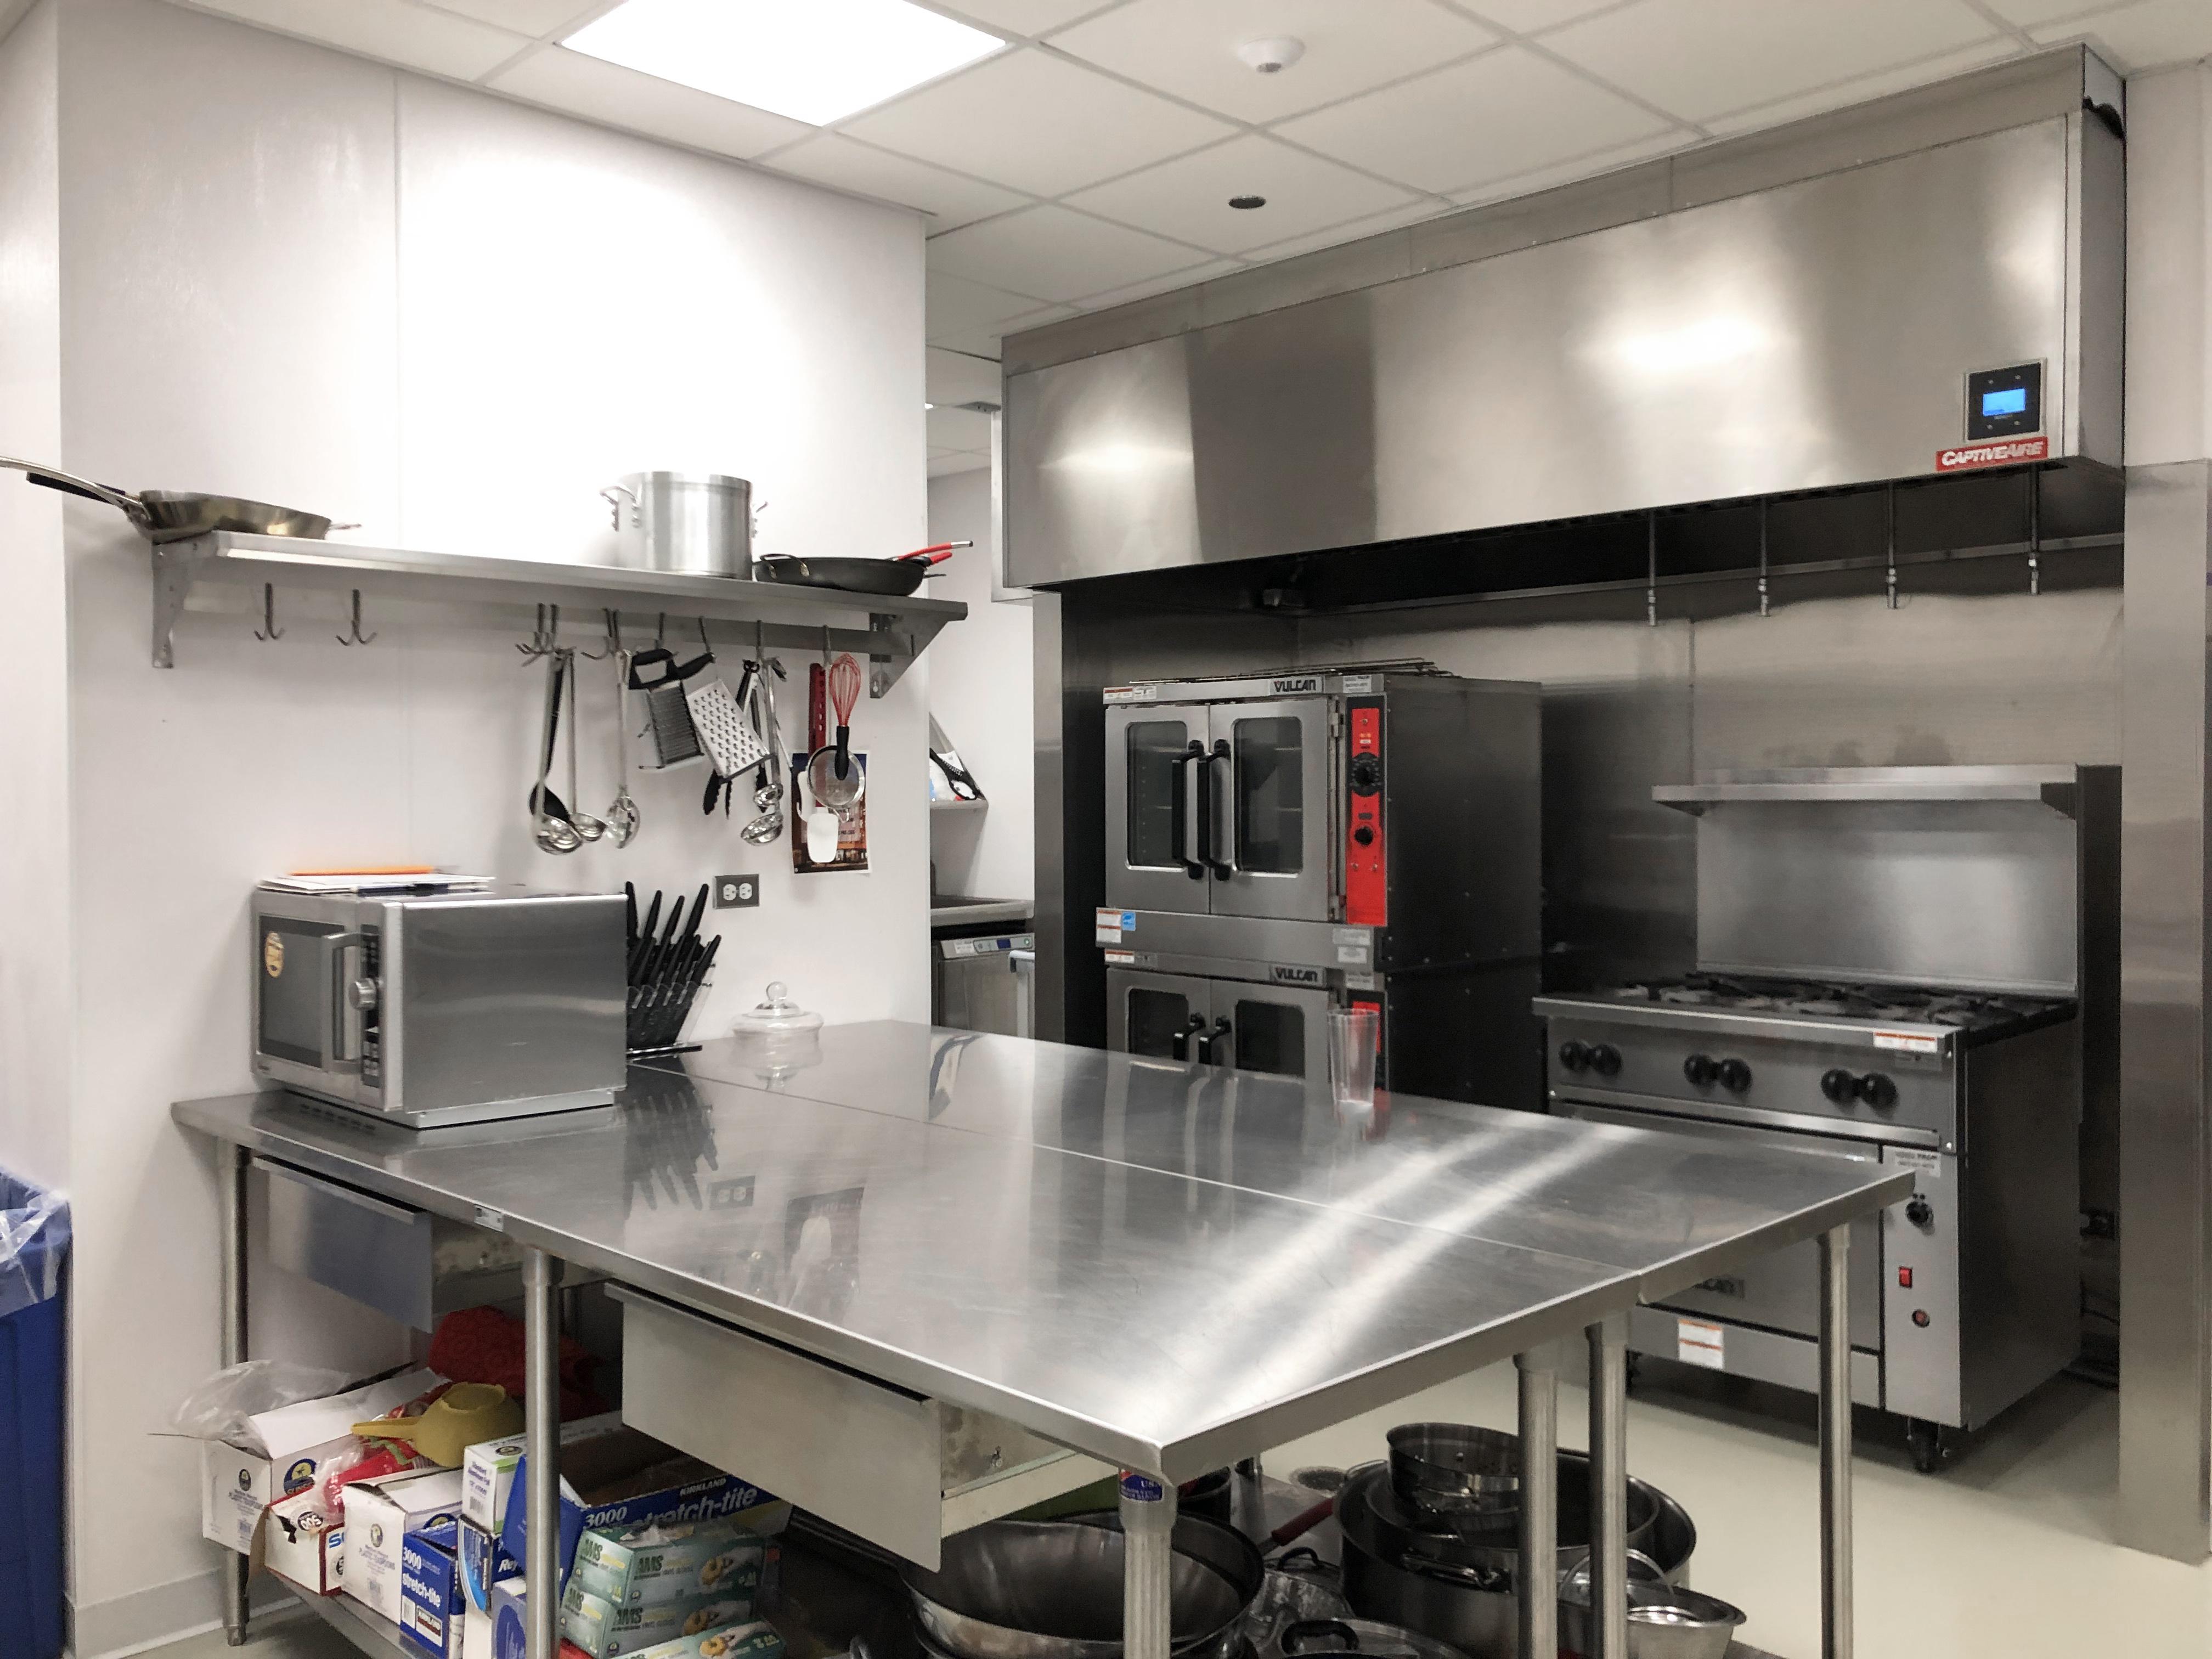 Serving Kitchen